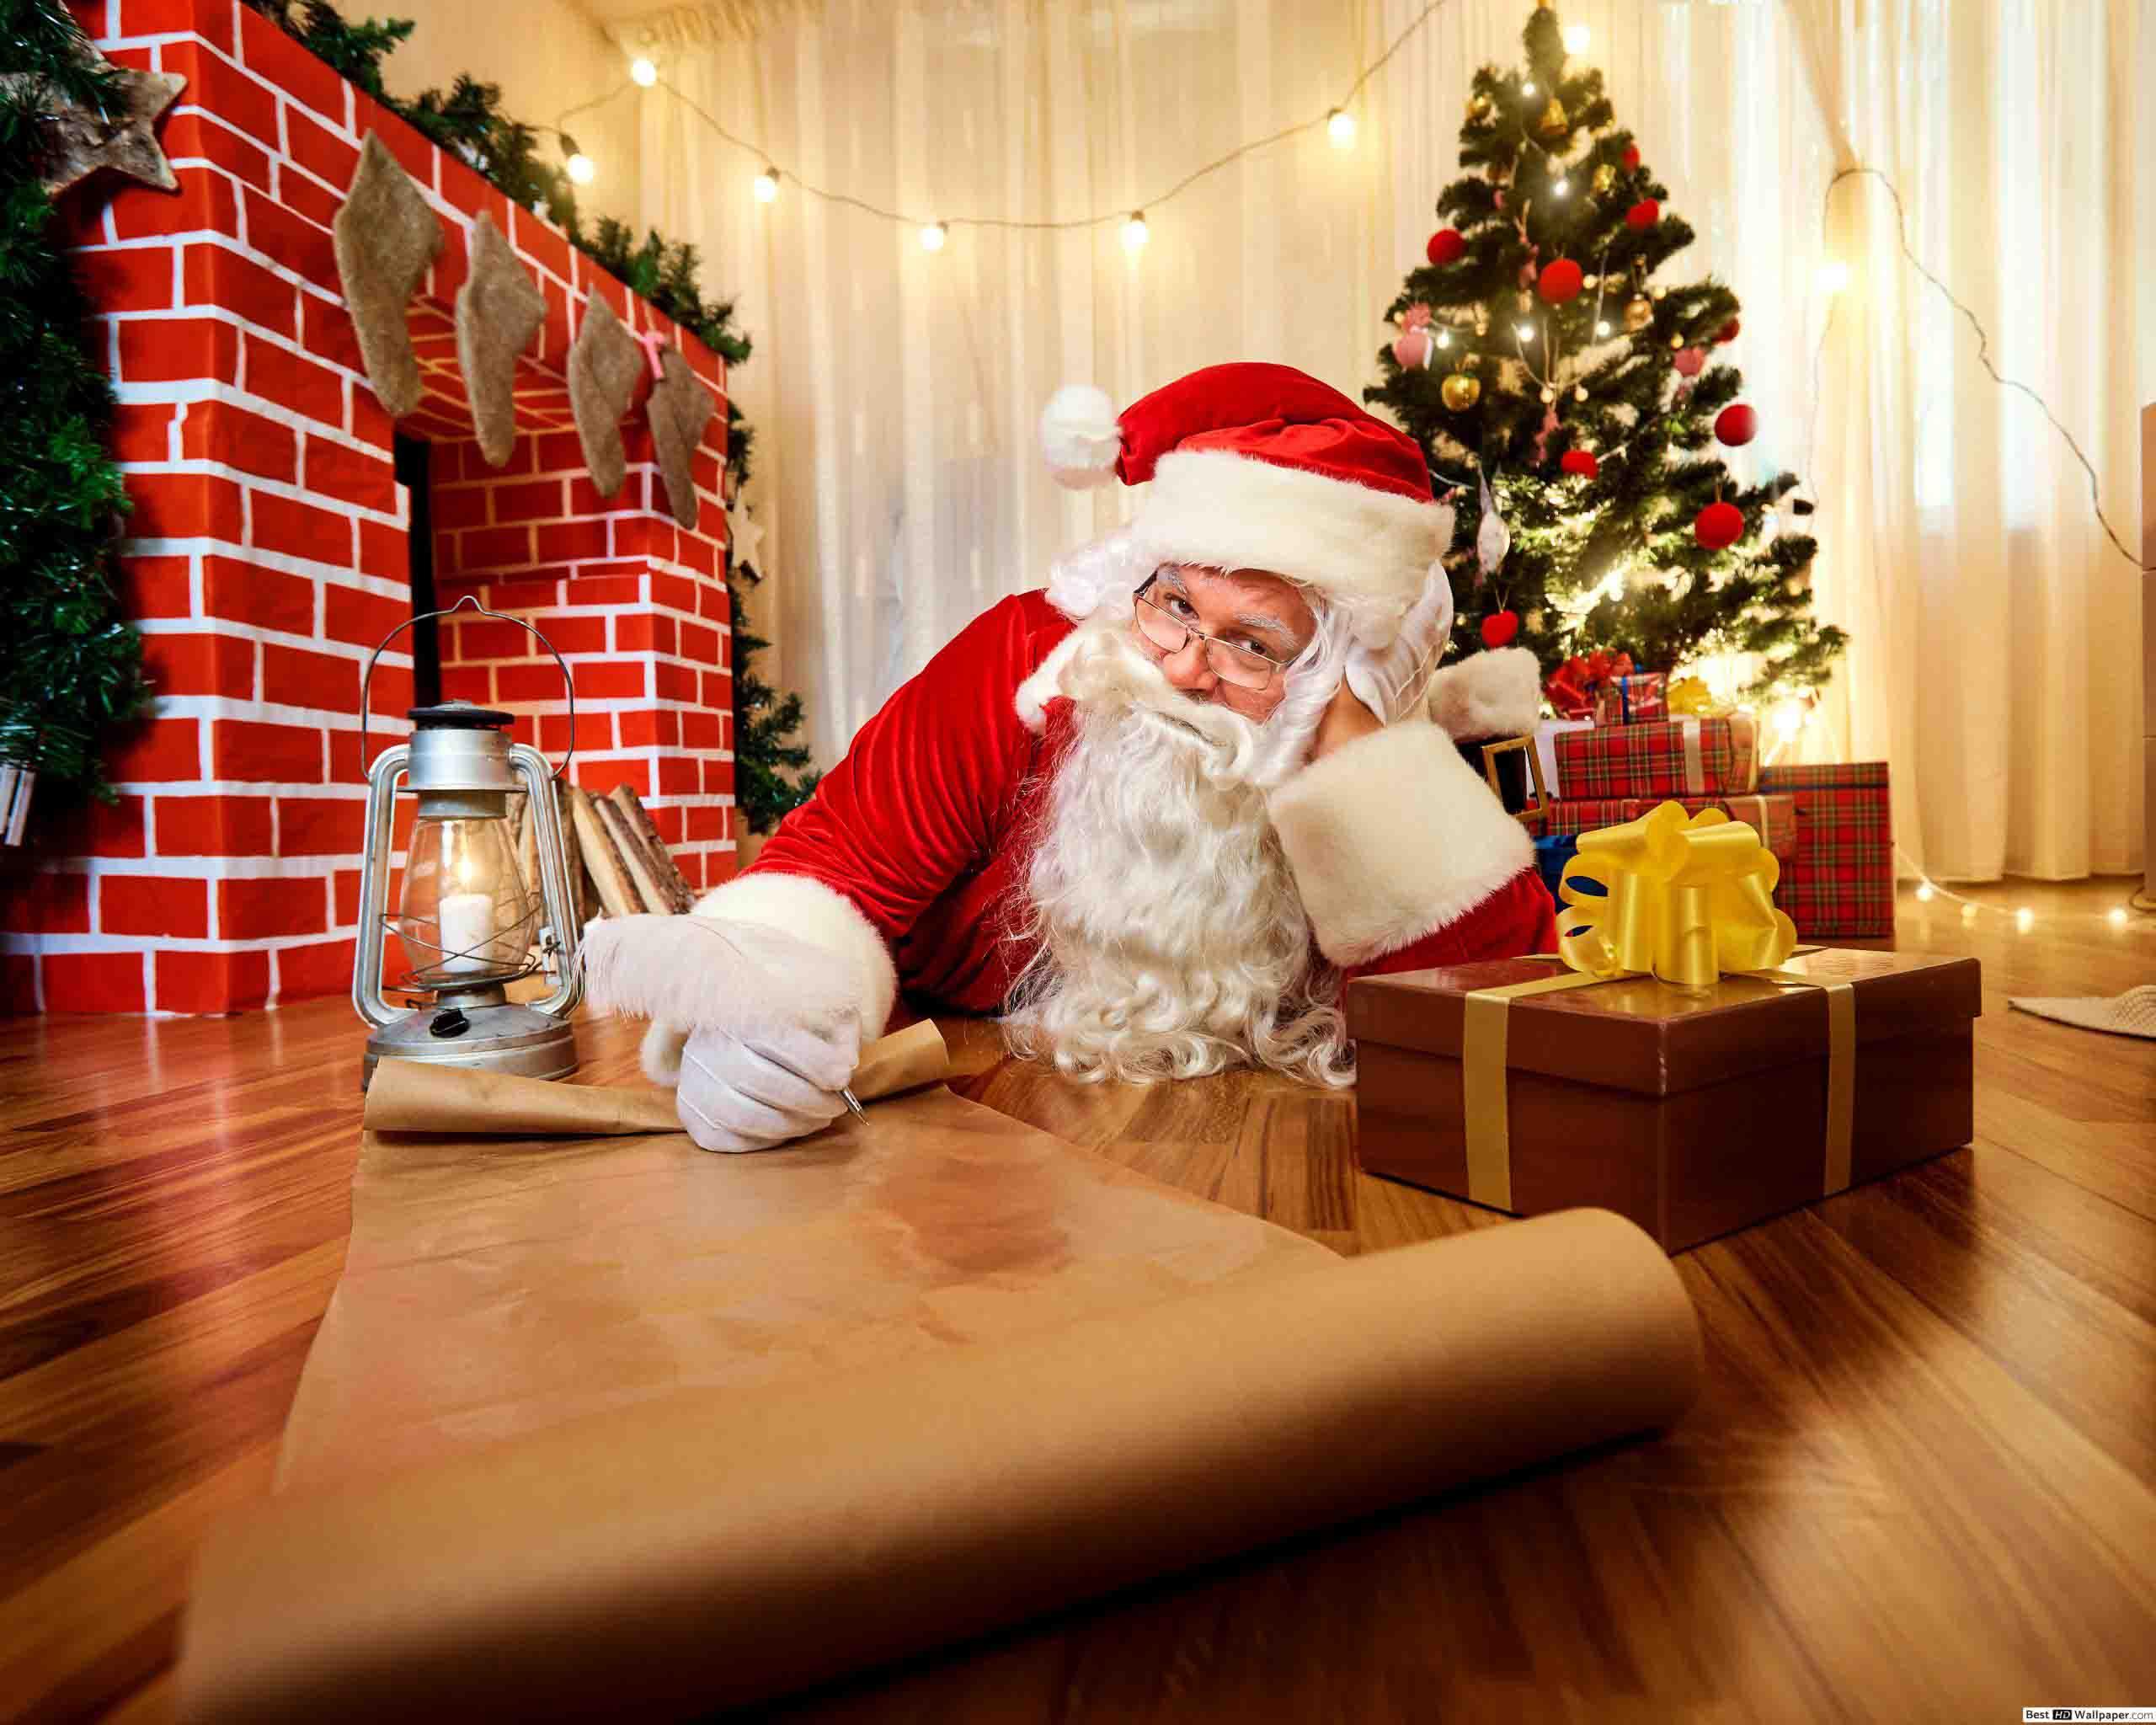 ตัวจริงของซานตาครอส คือใคร?